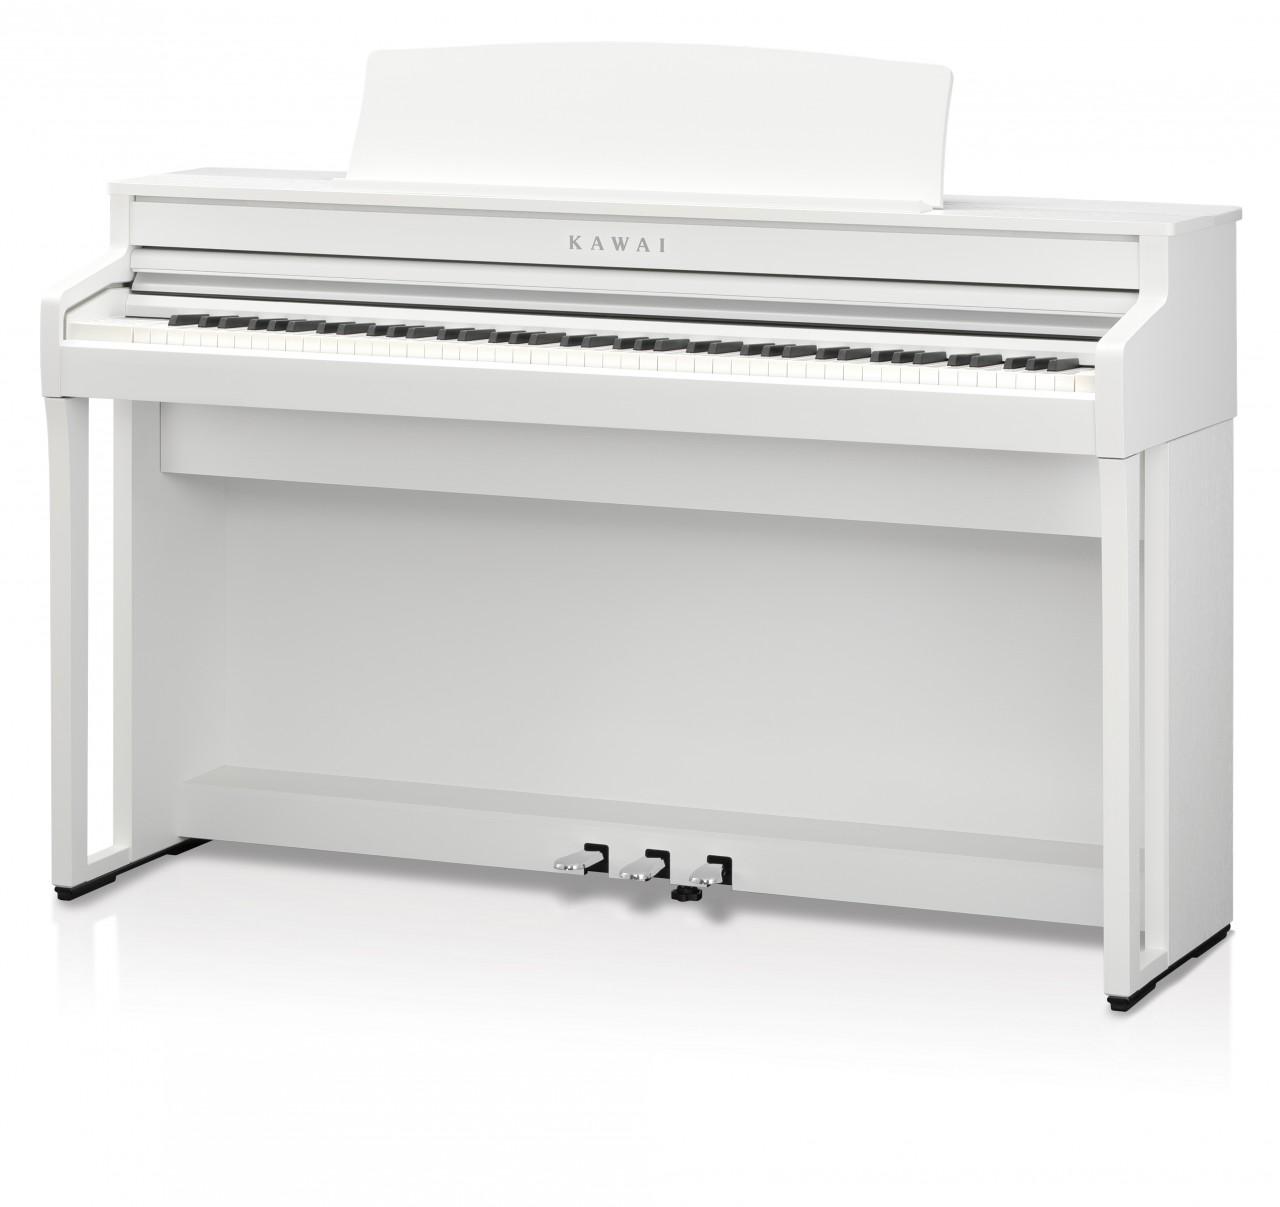 KAWAI CA 59 Digitale piano